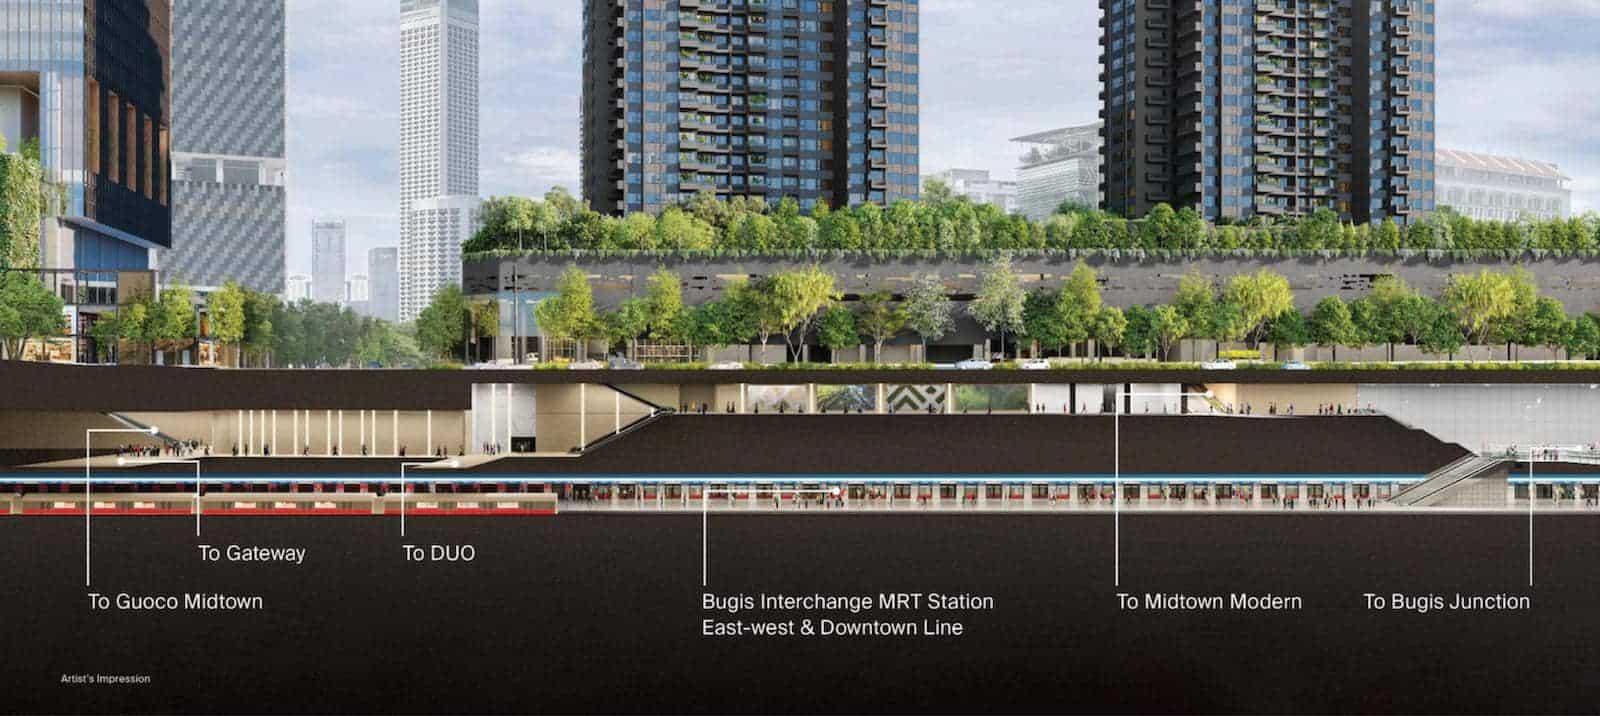 Midtown Modern Location Underground Connectivity